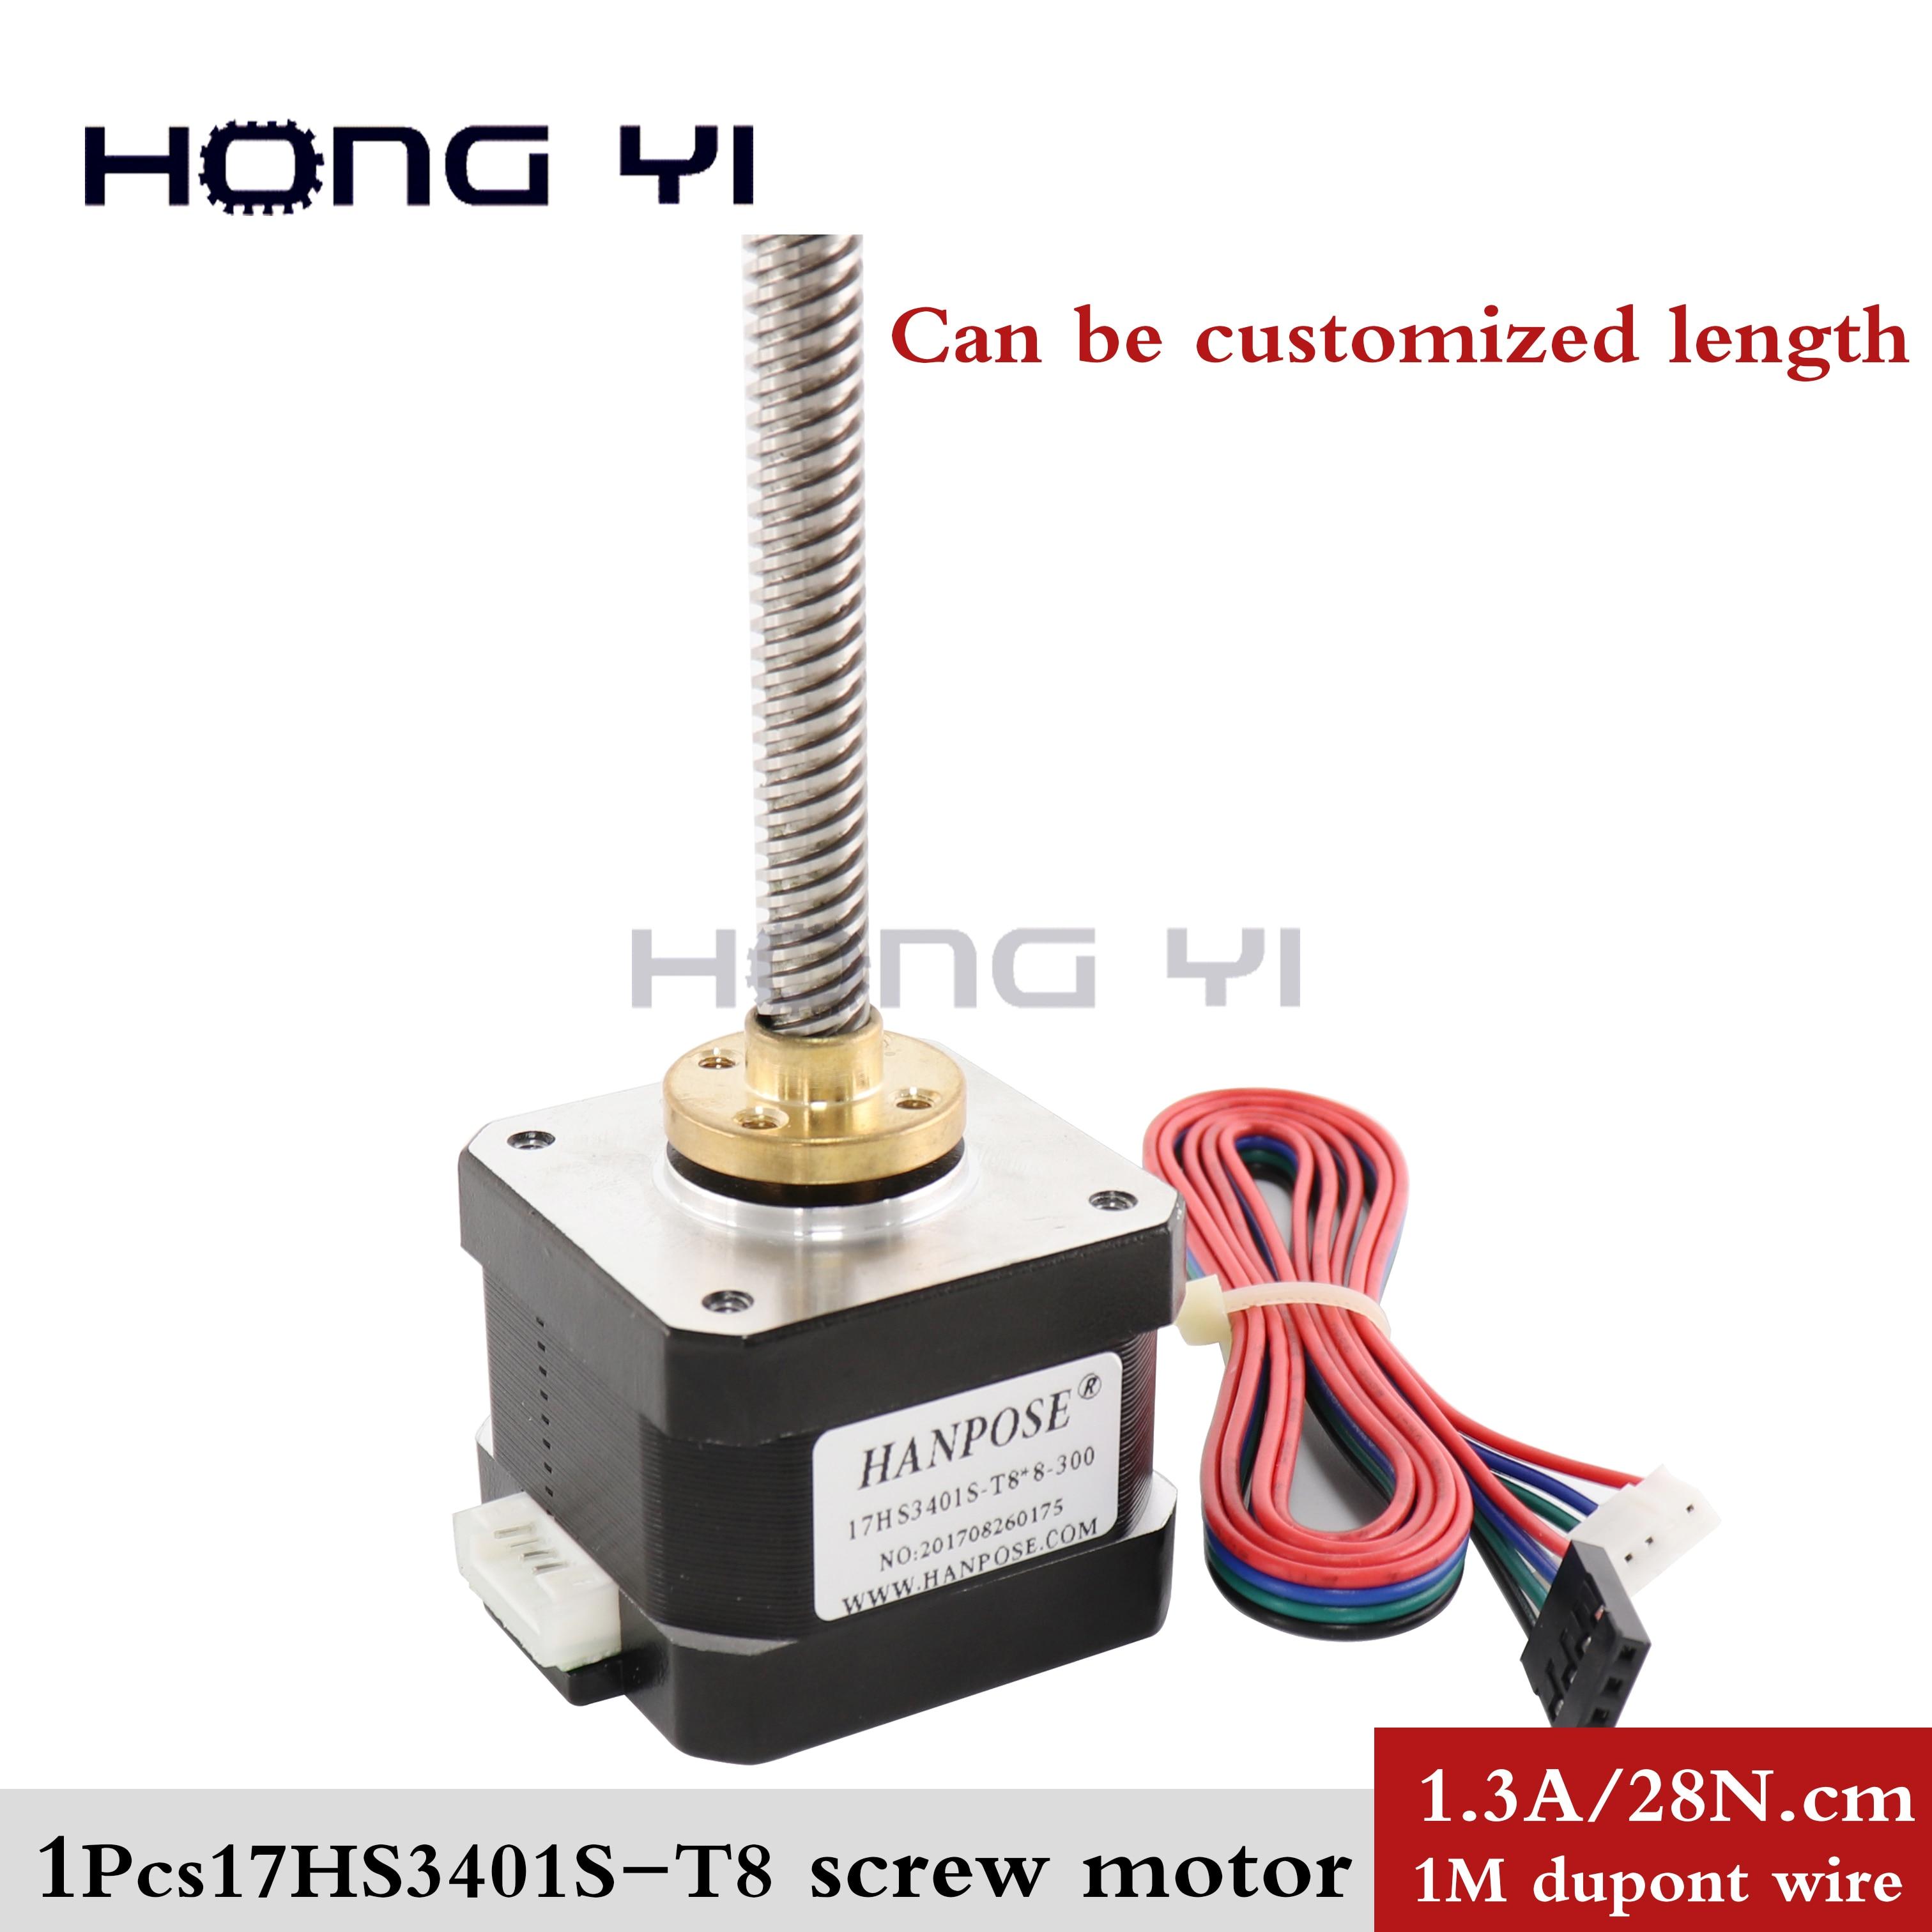 Винт шаговый 17HS3401S-T8 8 мм nema17 шаговый двигатель шаговый шаг с латунной гайкой для лазера CE ROSH ISO CNC и 3D принтера, бесплатная доставка